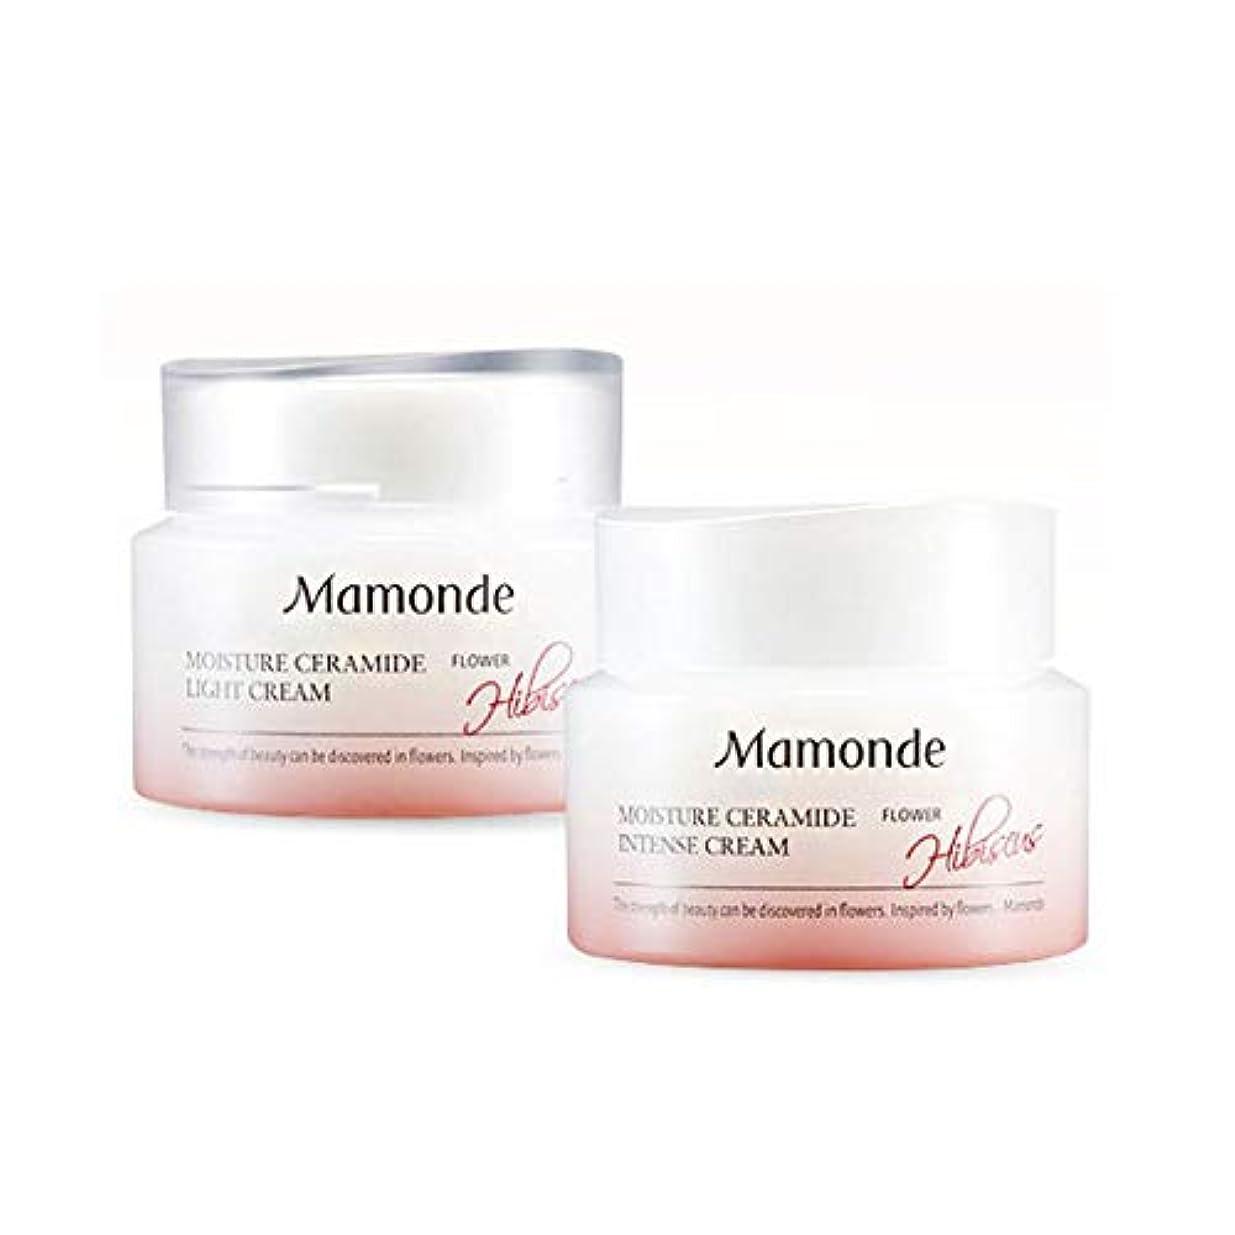 ライム雰囲気倫理的マモンドモイスチャーセラミドインテンスクリーム50mlx2本セット韓国コスメ、Mamonde Moisture Ceramide Intense Cream 50ml x 2ea Set Korean Cosmetics...